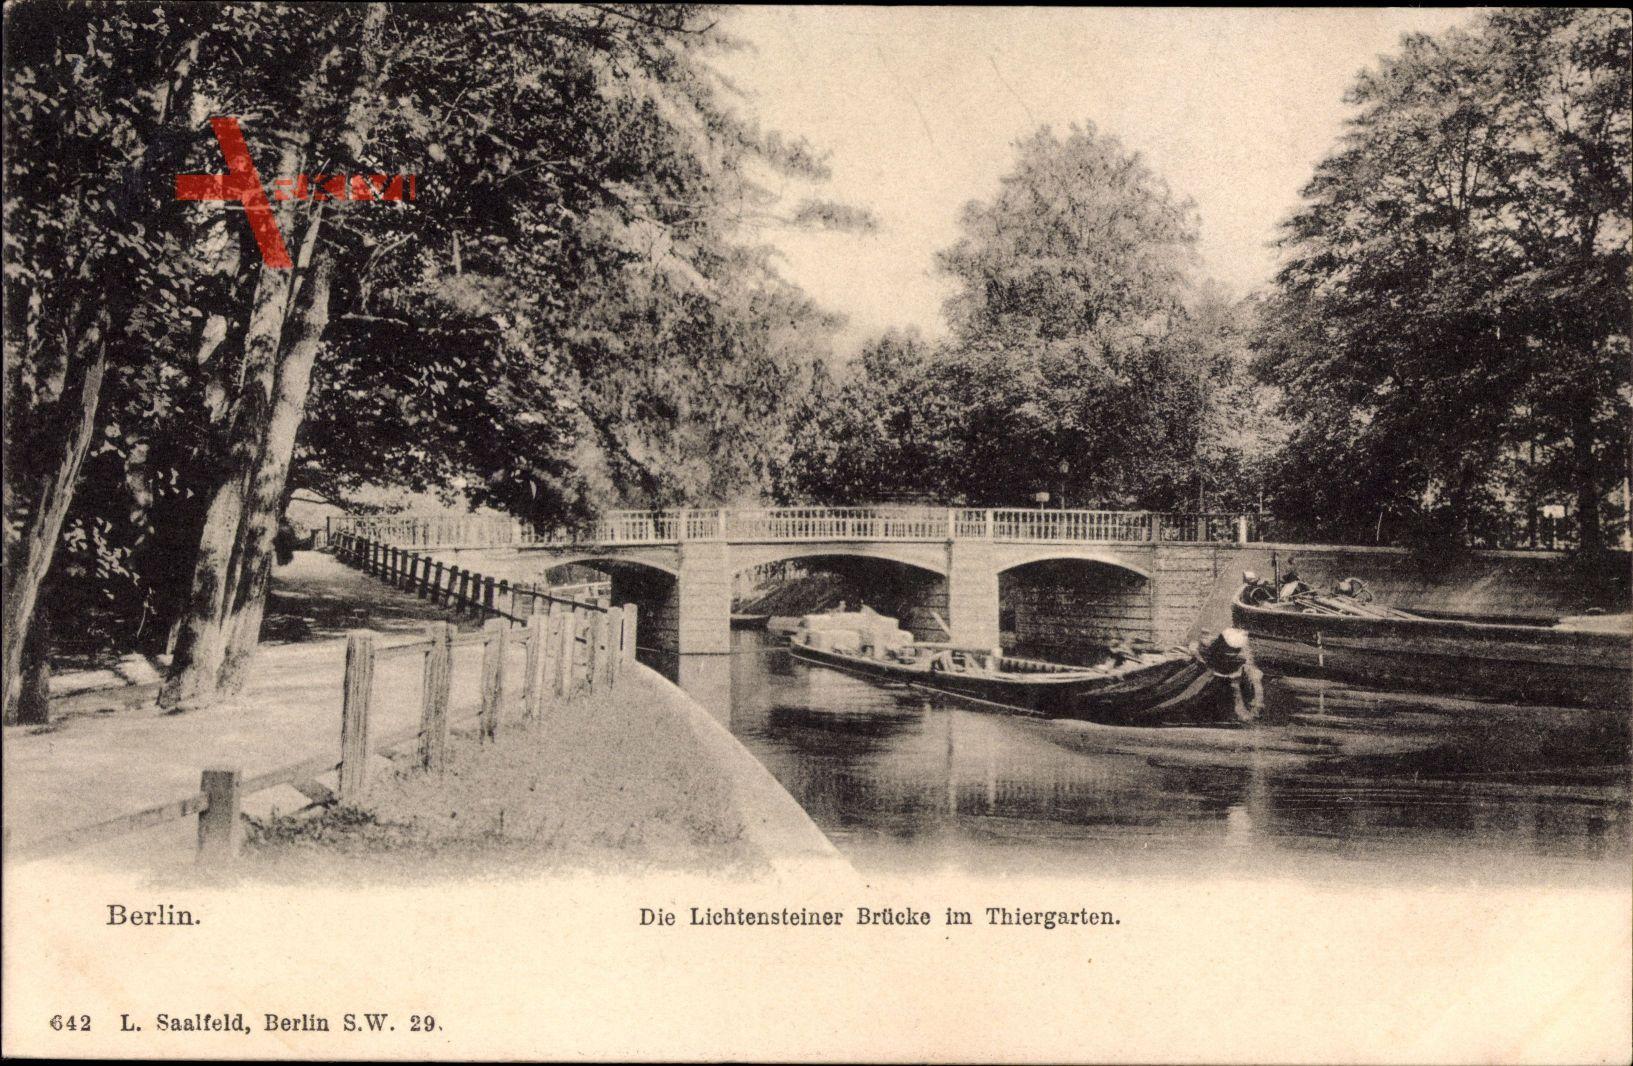 Berlin Tiergarten, Blick auf die Lichtensteiner Brücke